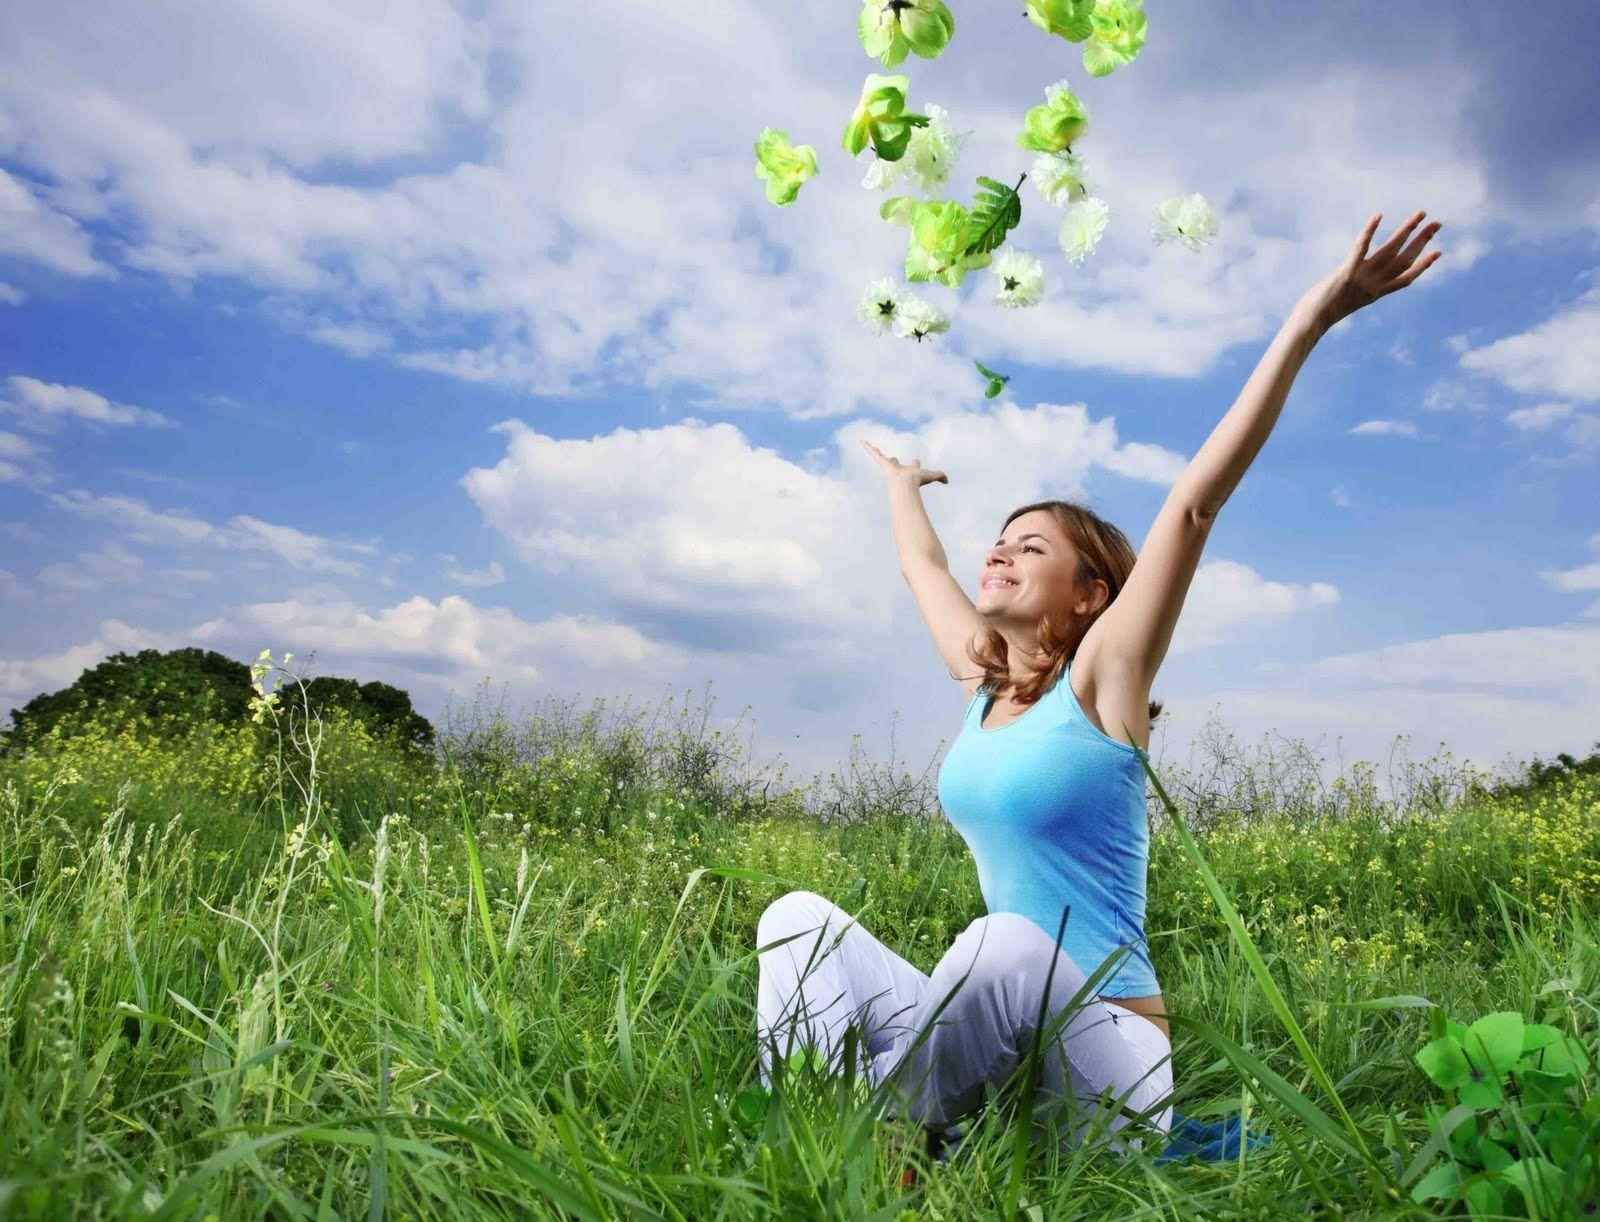 Pon atención a los siguientes consejos para mejorar tu estado de ánimo y perspectiva de la vida. Dile no a la rutina, pon en práctica estos tips y disfruta! http://www.linio.com.mx/salud-y-cuidado-personal/